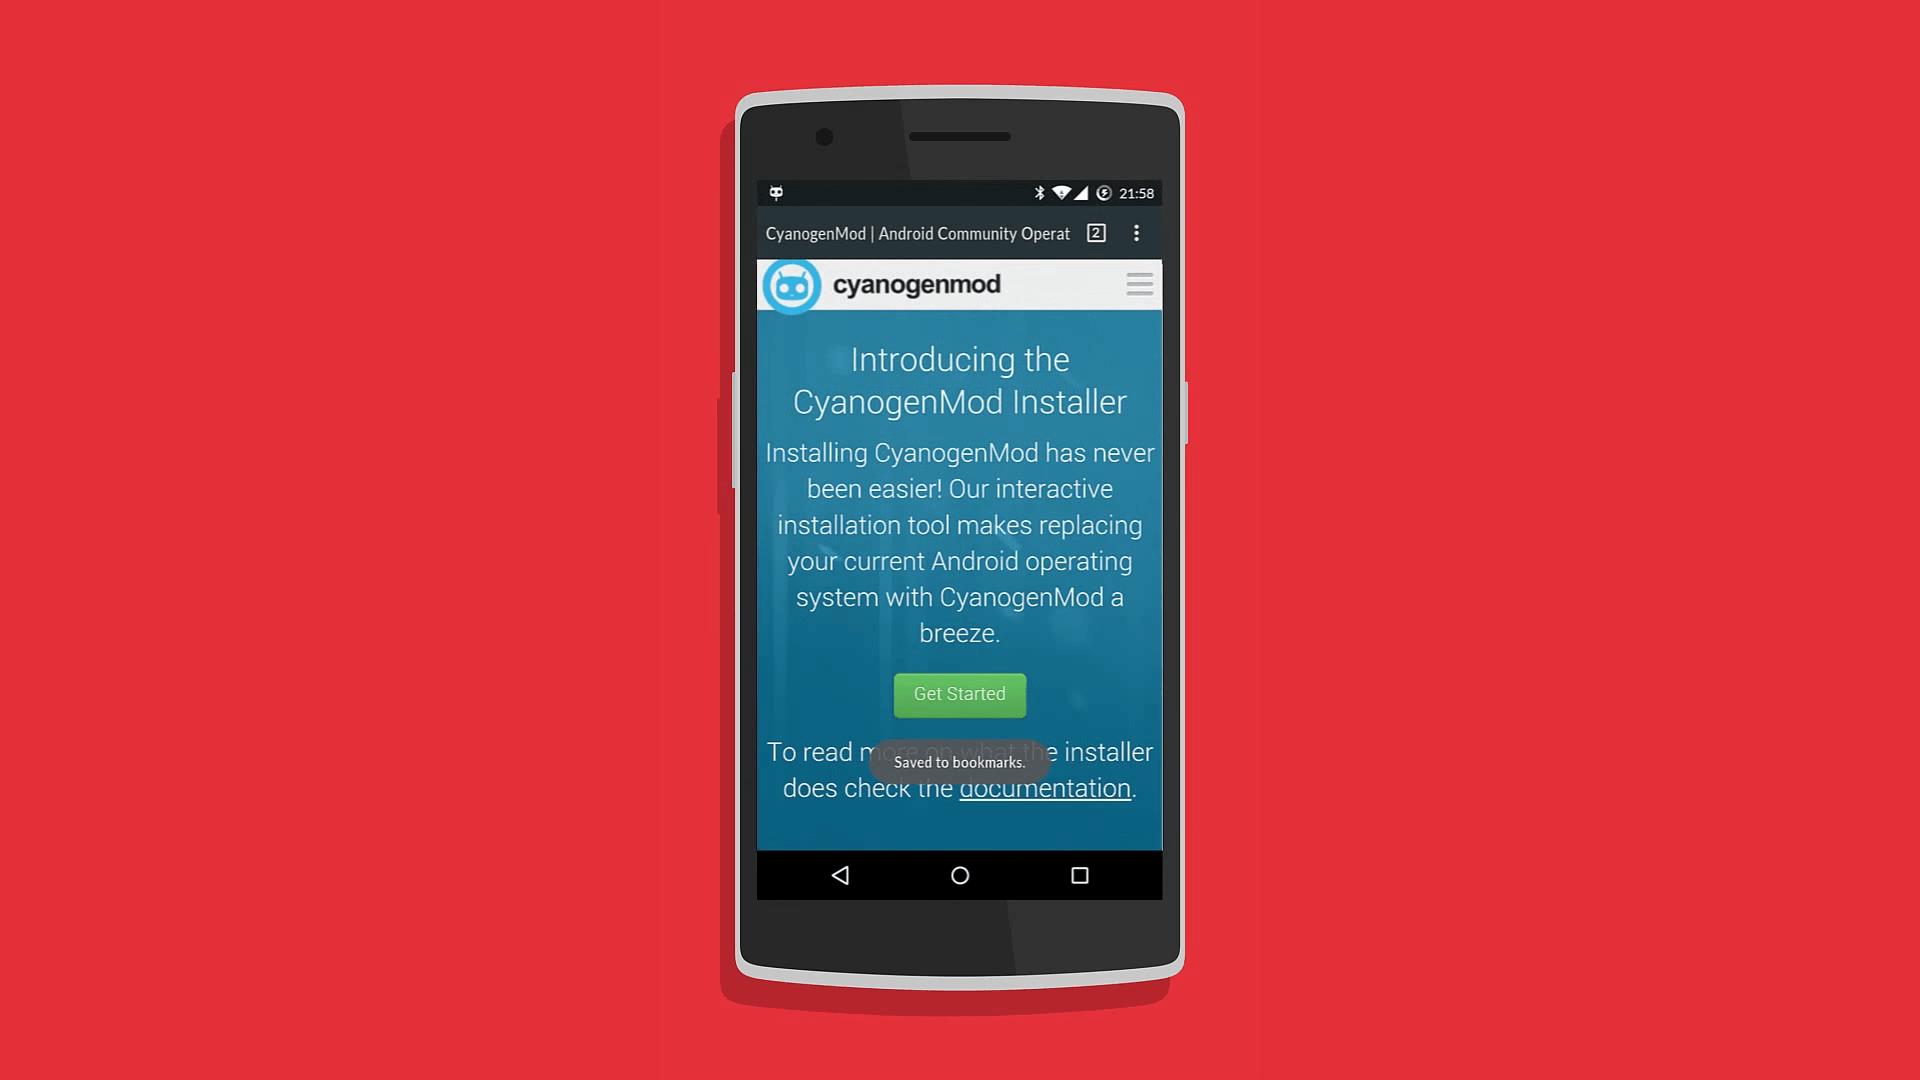 Le nouveau navigateur Chromium de CyanogenMod s'appelle Gello